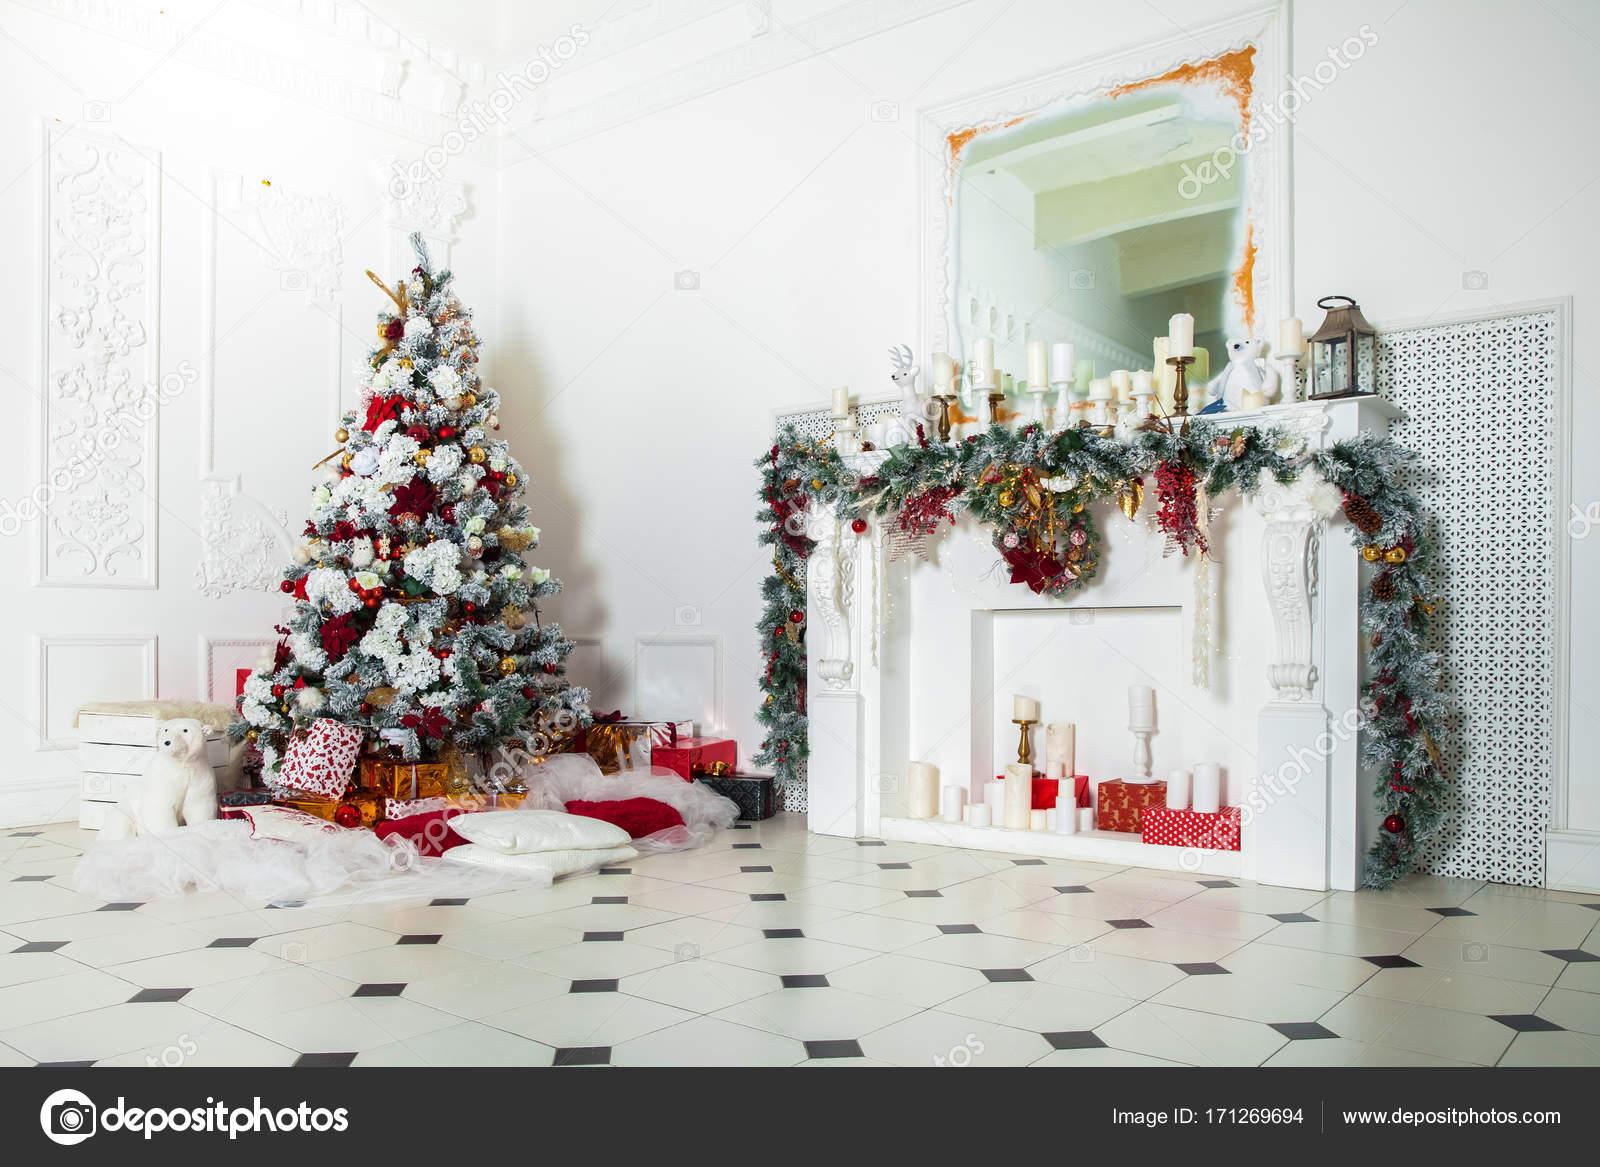 klassieke witte kerst interieur met nieuwe jaar boom versierd open haard met grijze stoel klokken aan de muur en presenteert onder de boom foto van